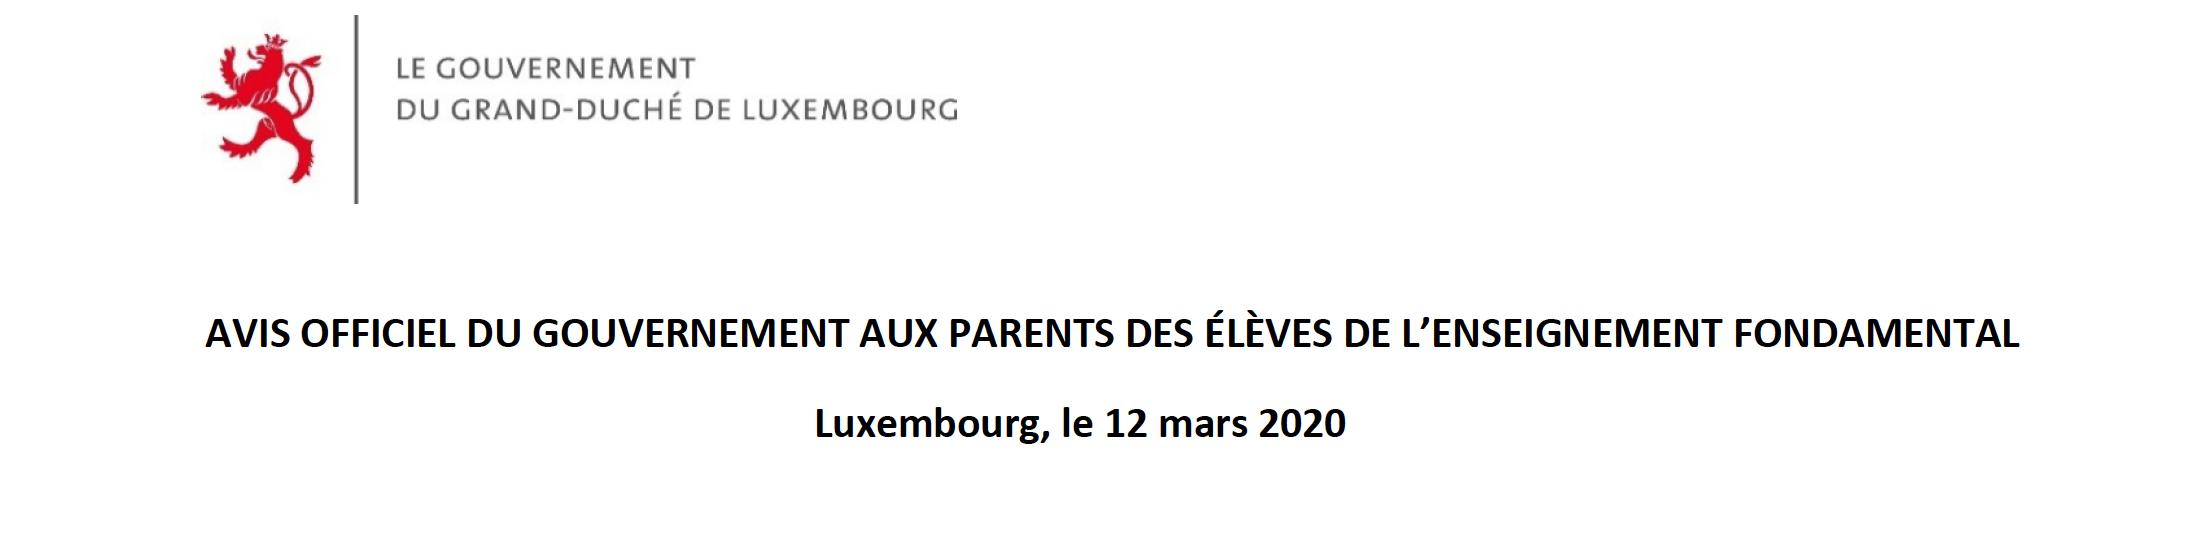 AVIS OFFICIEL DU GOUVERNEMENT AUX PARENTS DES ÉLÈVES DE L'ENSEIGNEMENT FONDAMENTAL